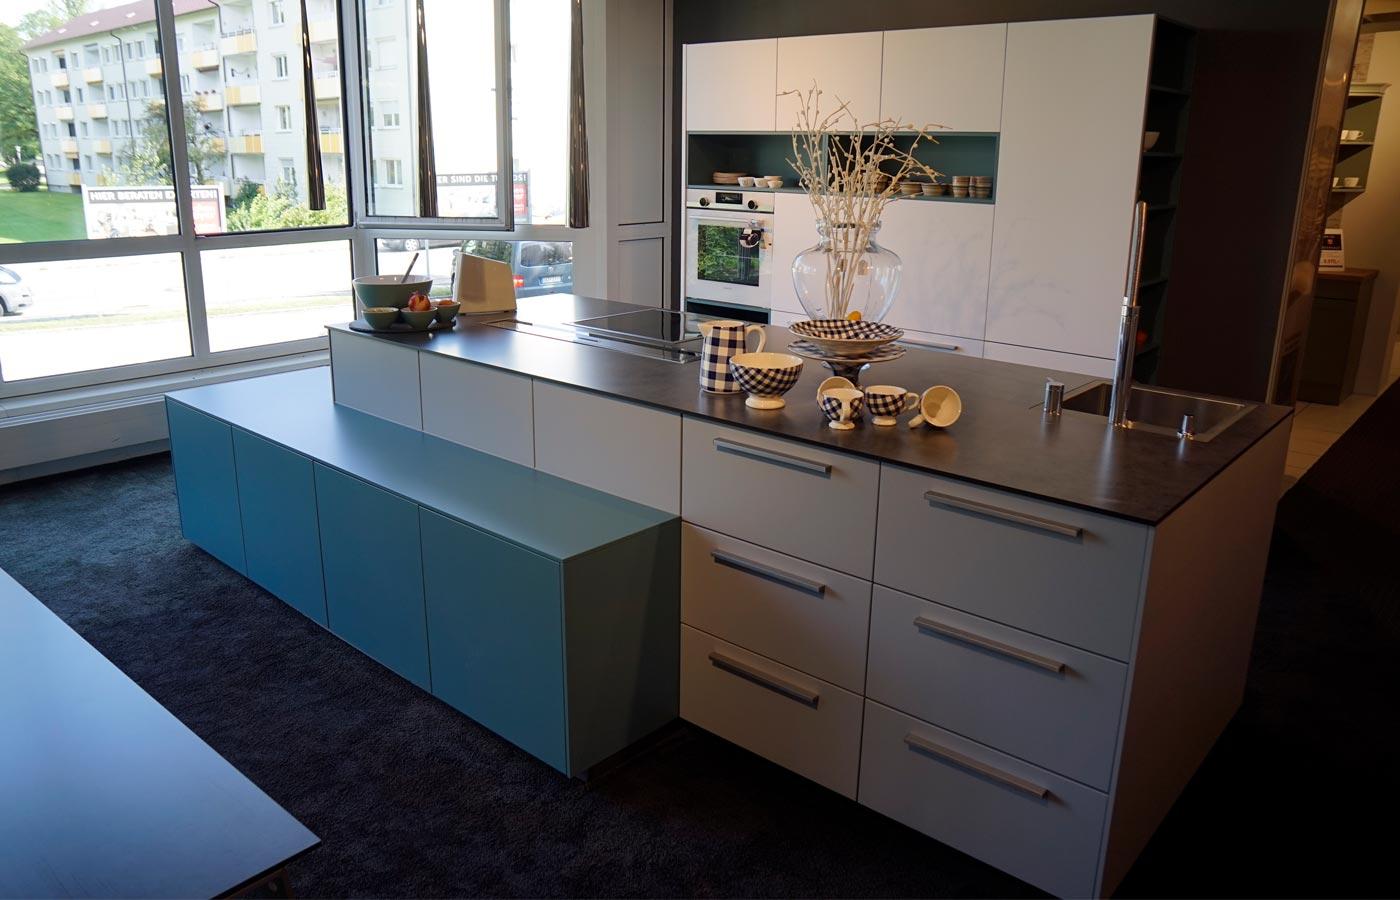 Full Size of Nolte Küche Arbeitsplatte Arbeitsplatten Betten Sideboard Mit Schlafzimmer Wohnzimmer Nolte Arbeitsplatte Java Schiefer